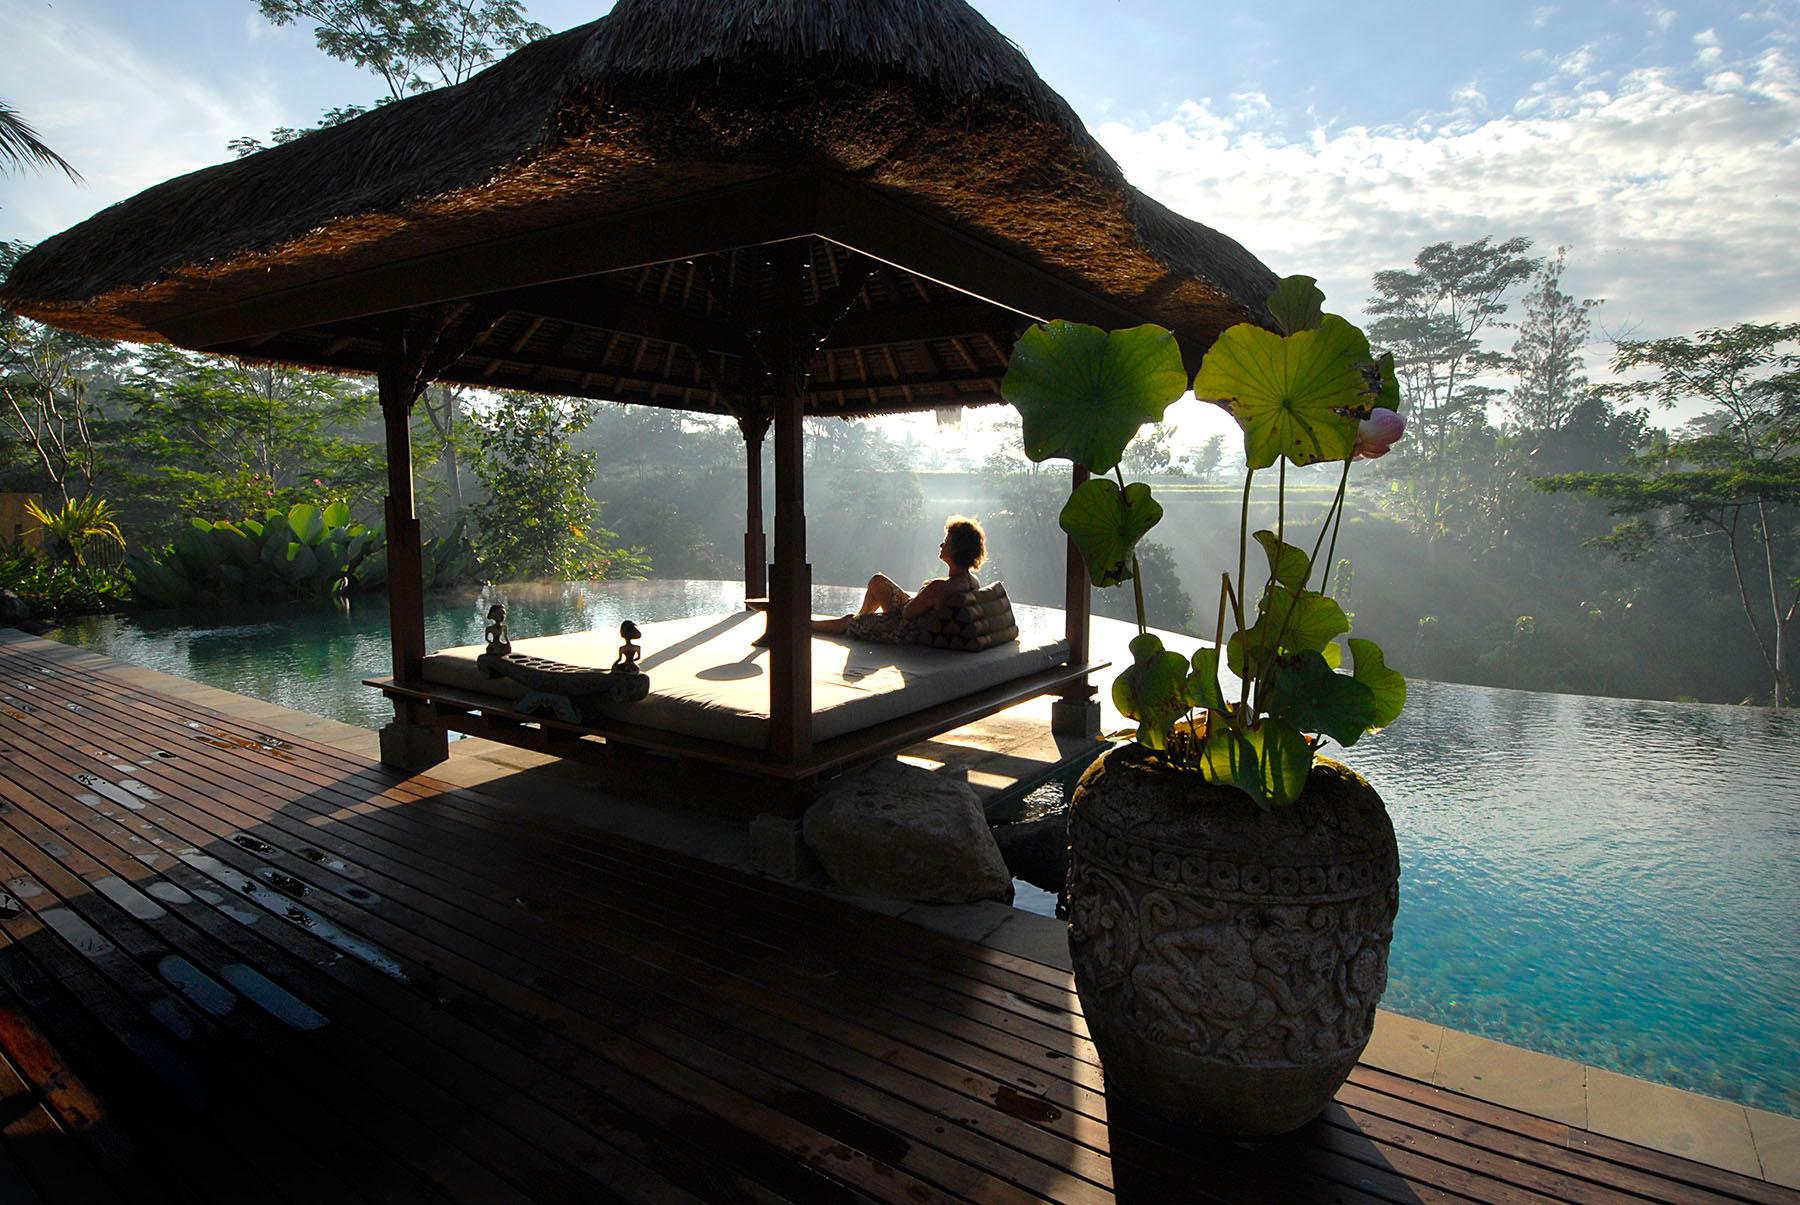 villabayad_ubud_pool_morning_relaxing